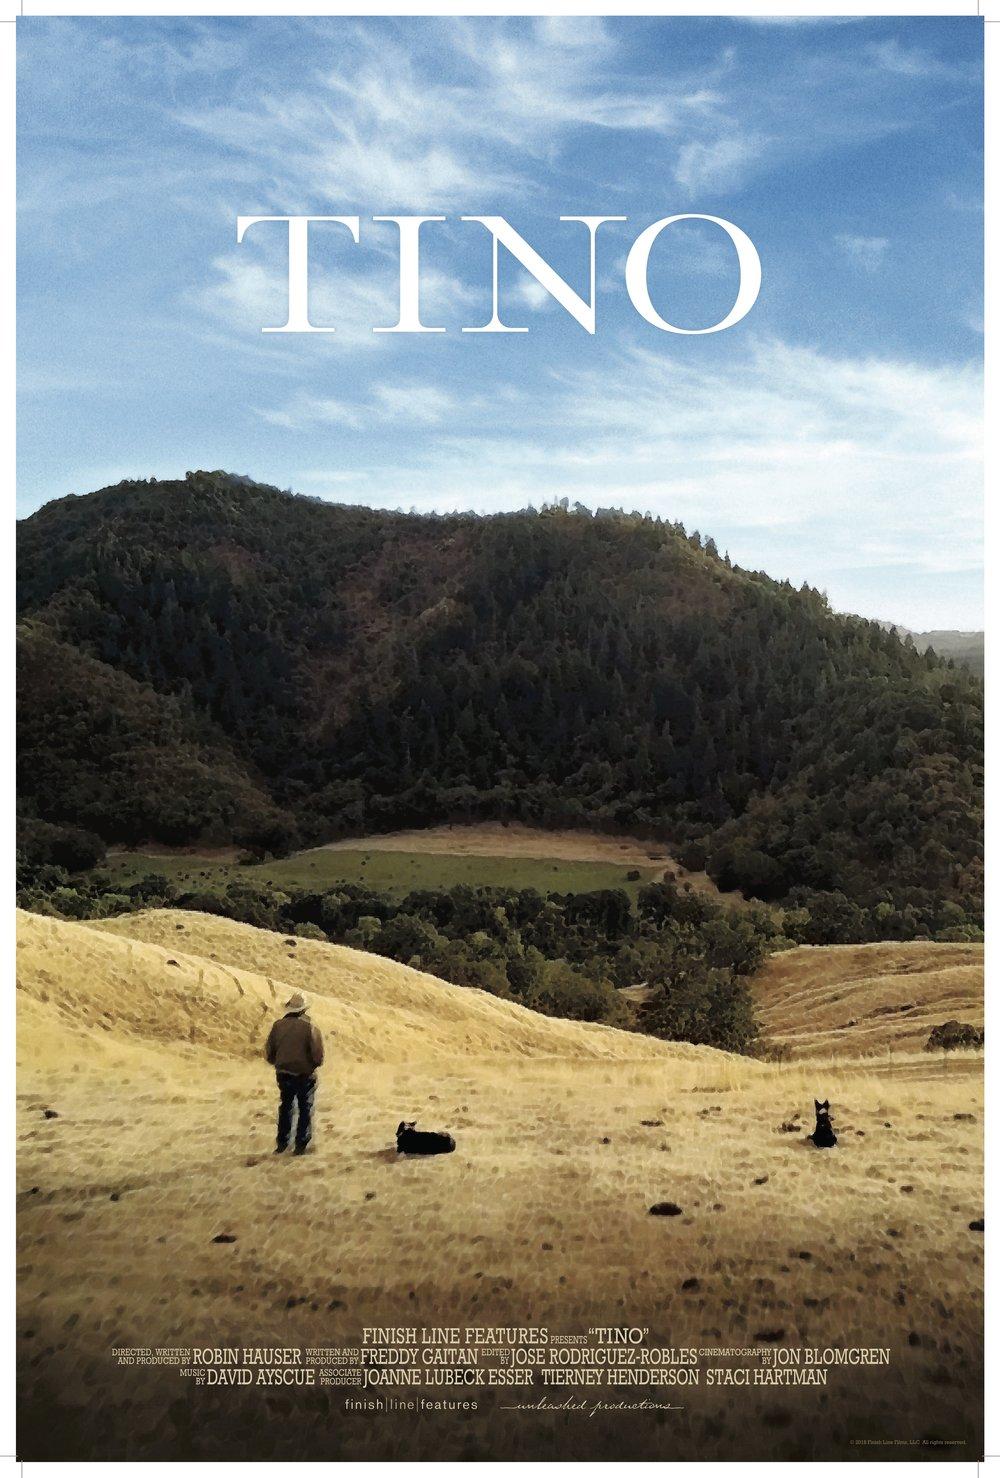 Tino poster. Photo credit: Jon Blomgren